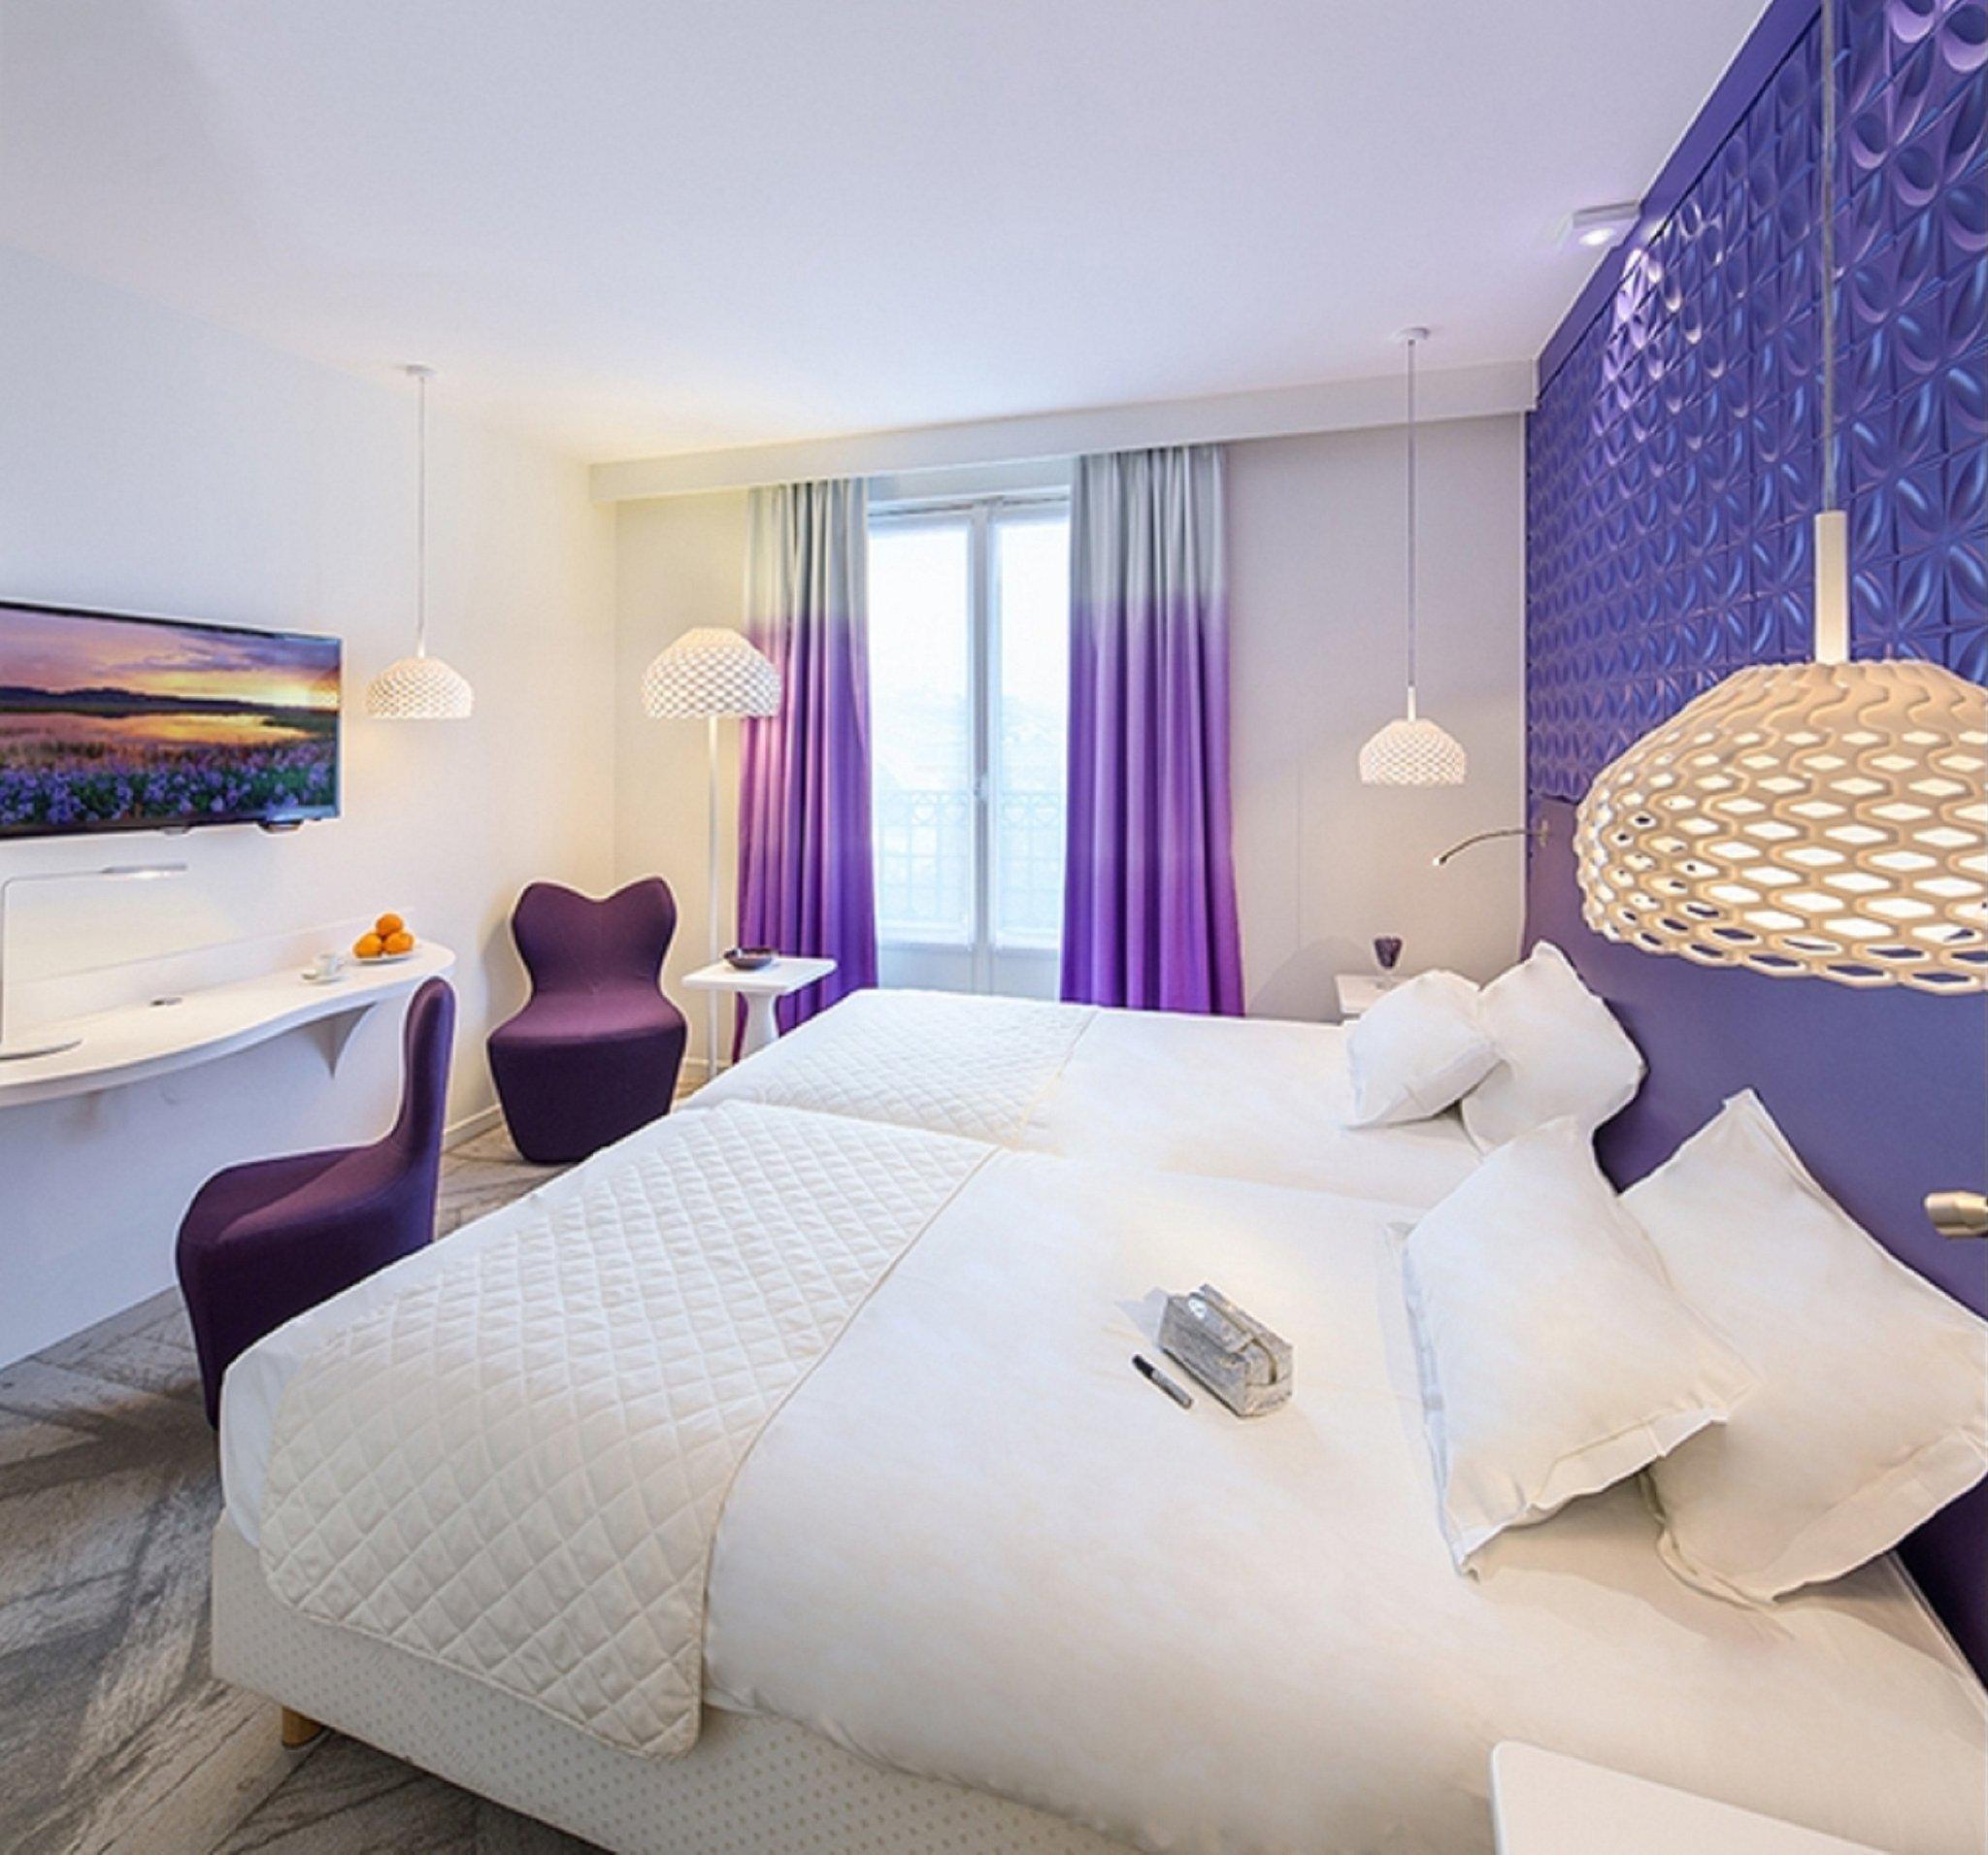 Holiday Inn Paris - Gare DE L'EST